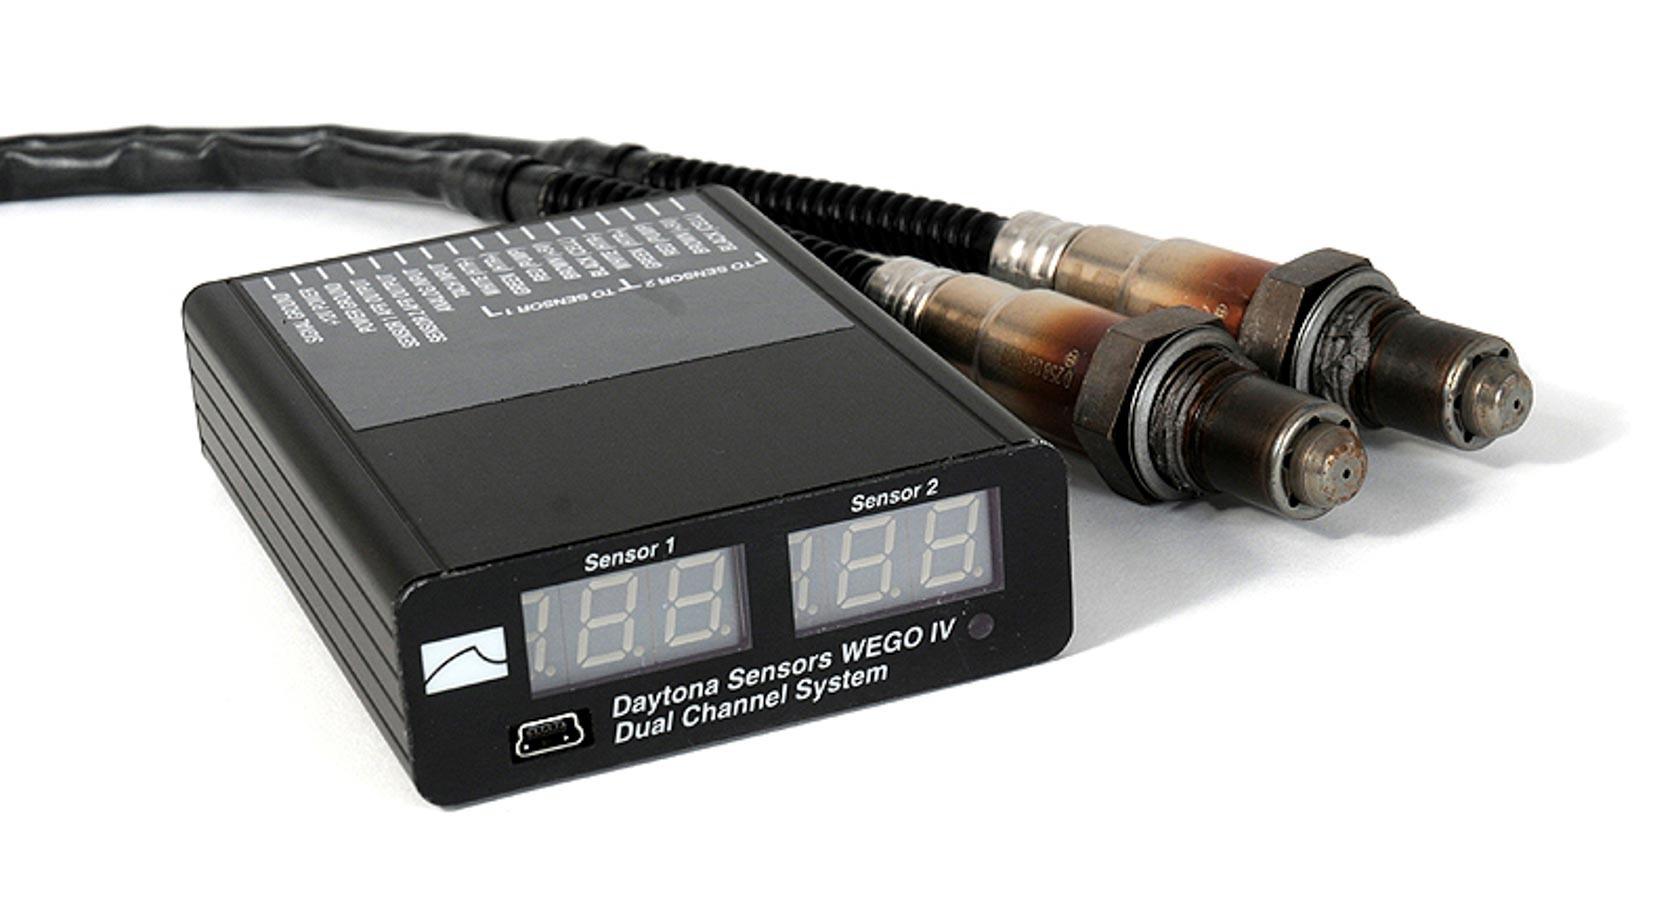 WEGO IV Dual Channel Wide-Band Air/Fuel Ratio